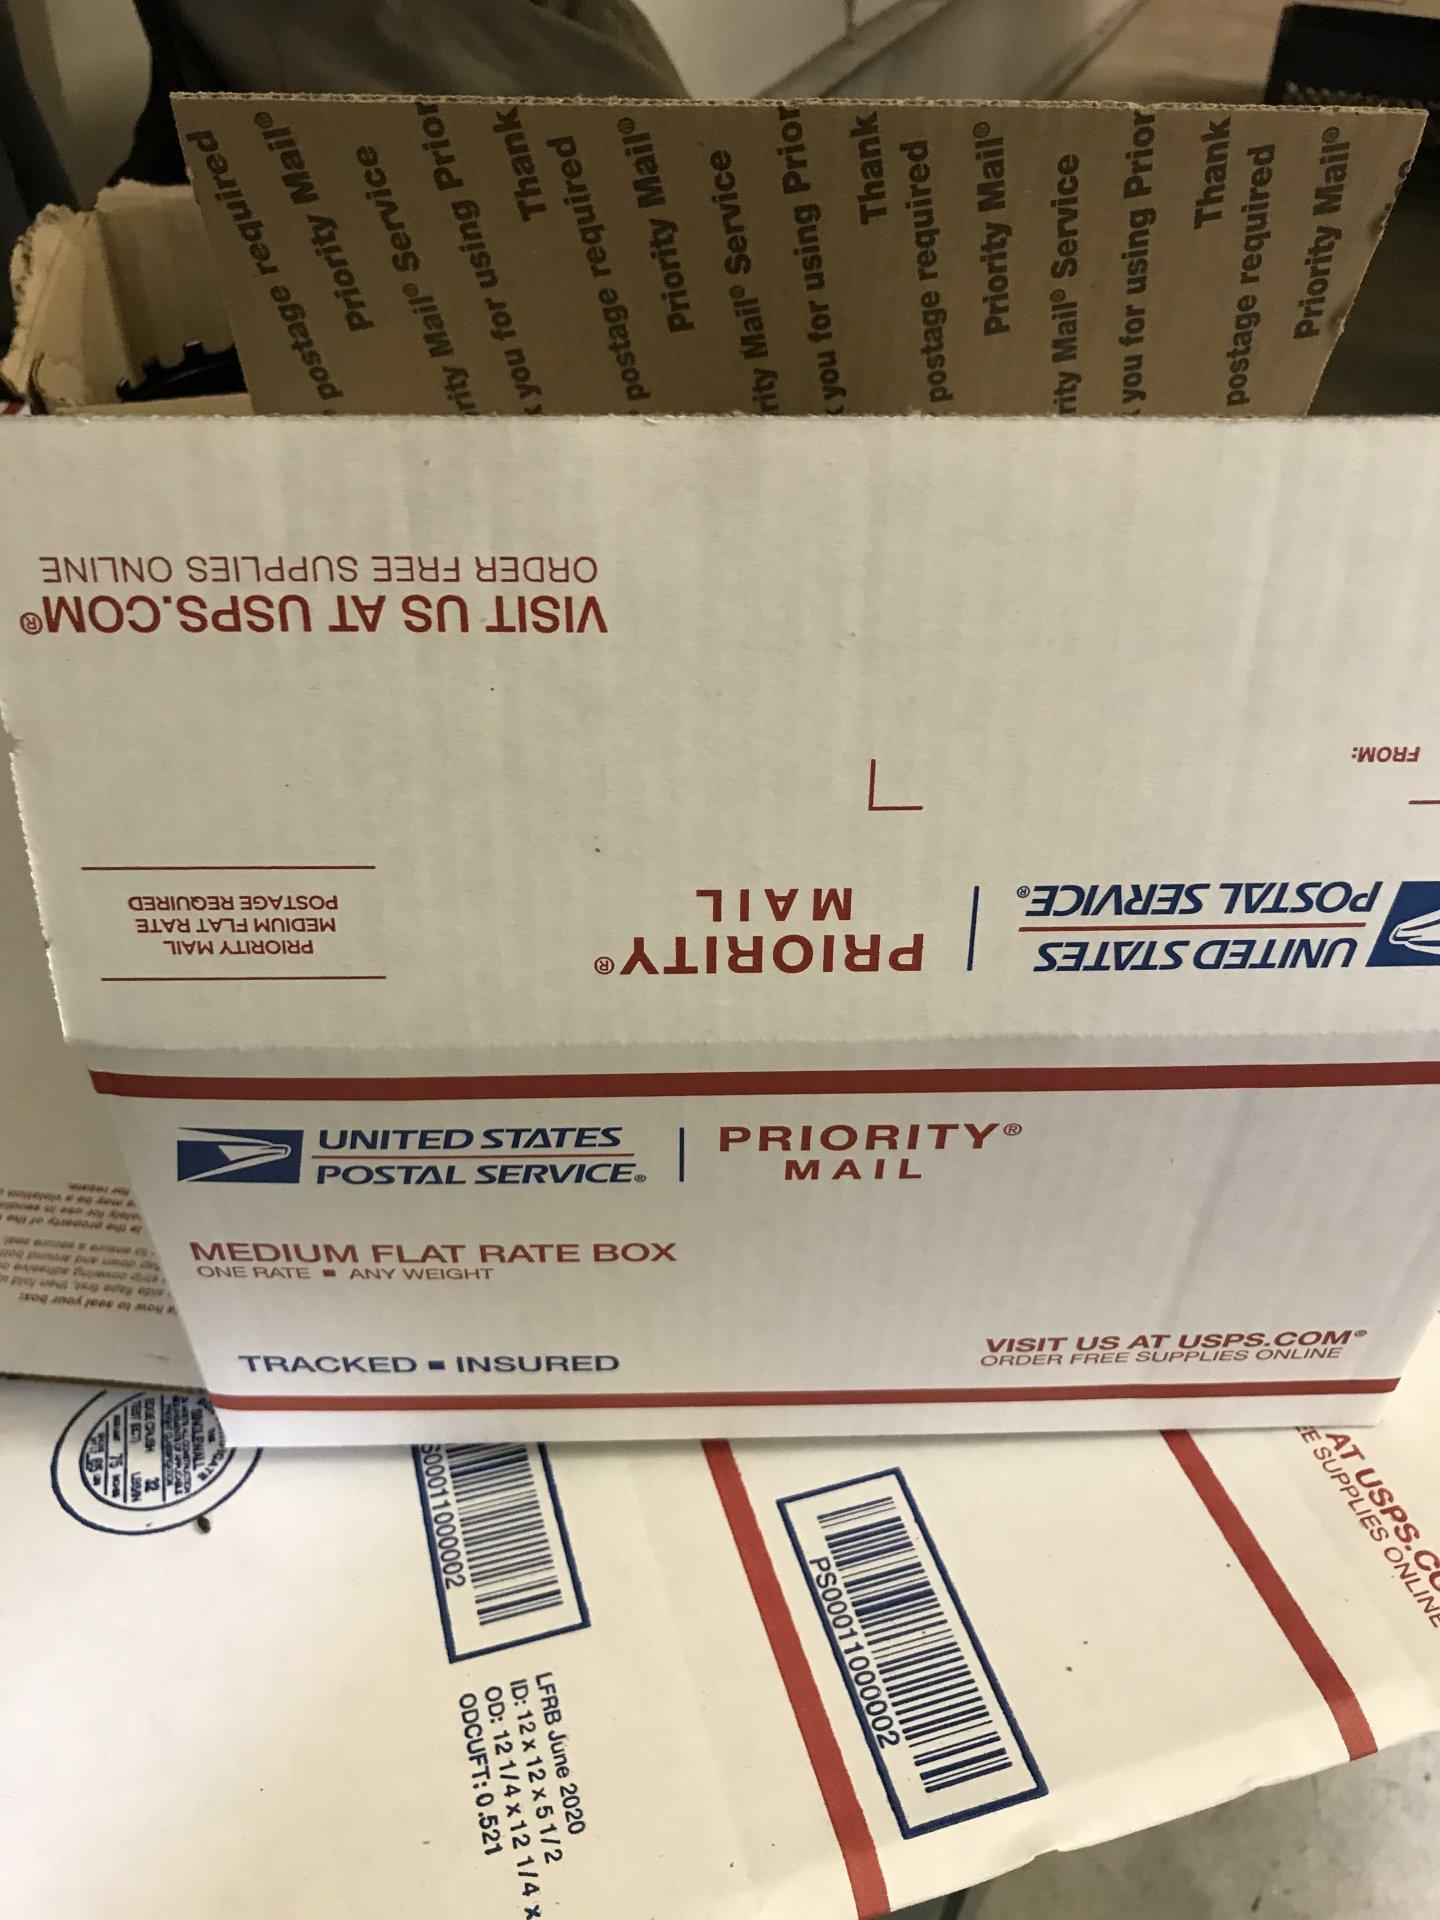 9A194507-EBD3-4030-A9A0-4303B8F36539.jpeg